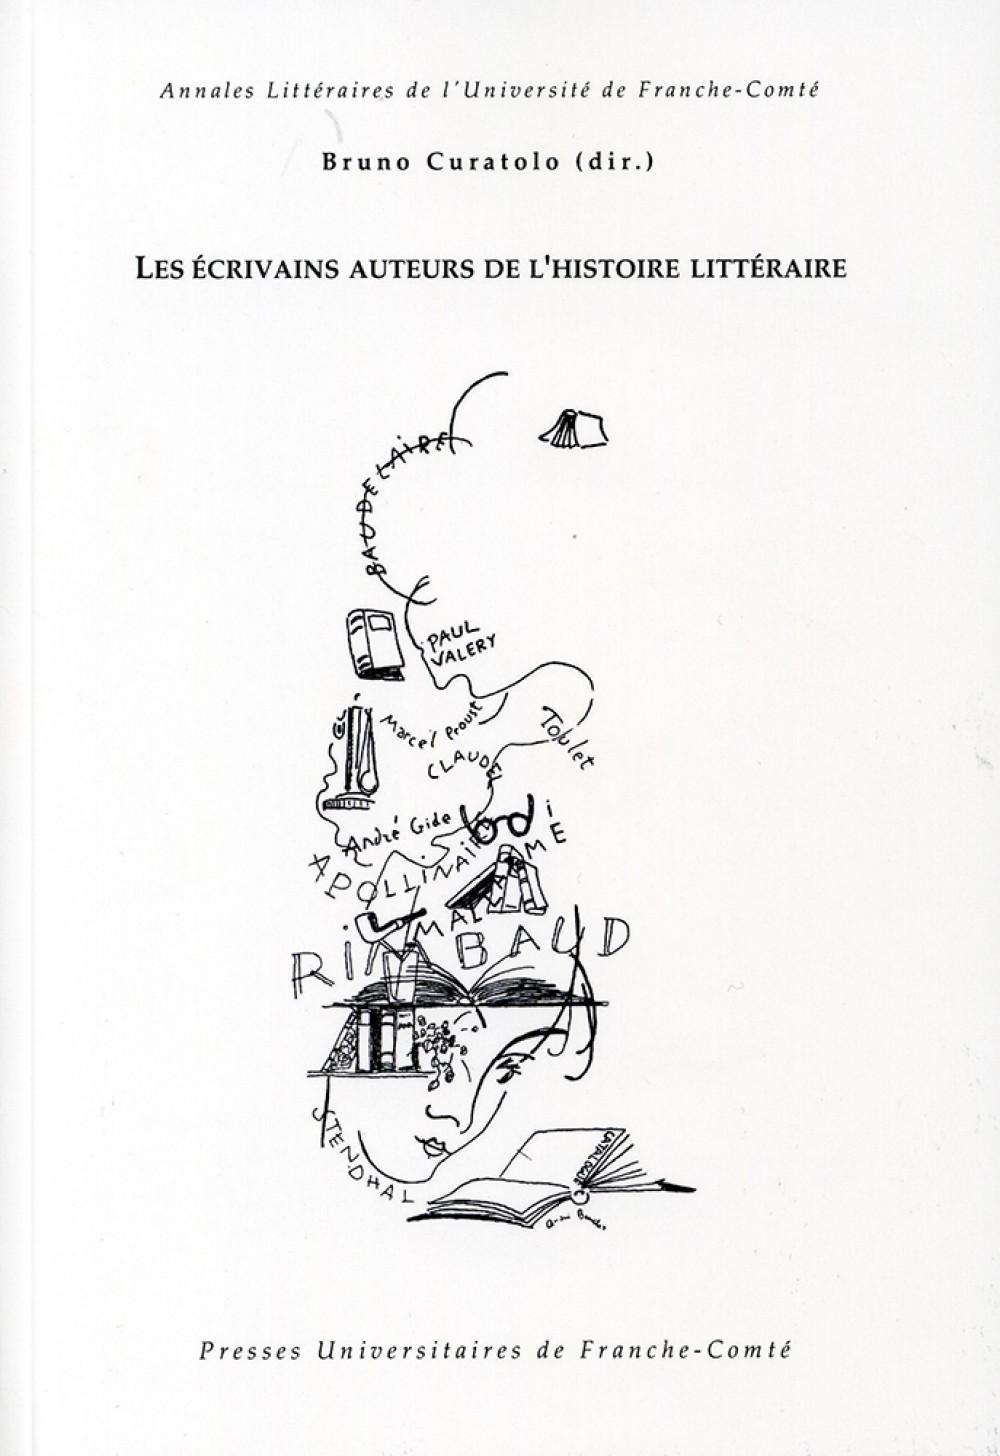 Les écrivains auteurs de l'histoire littéraire